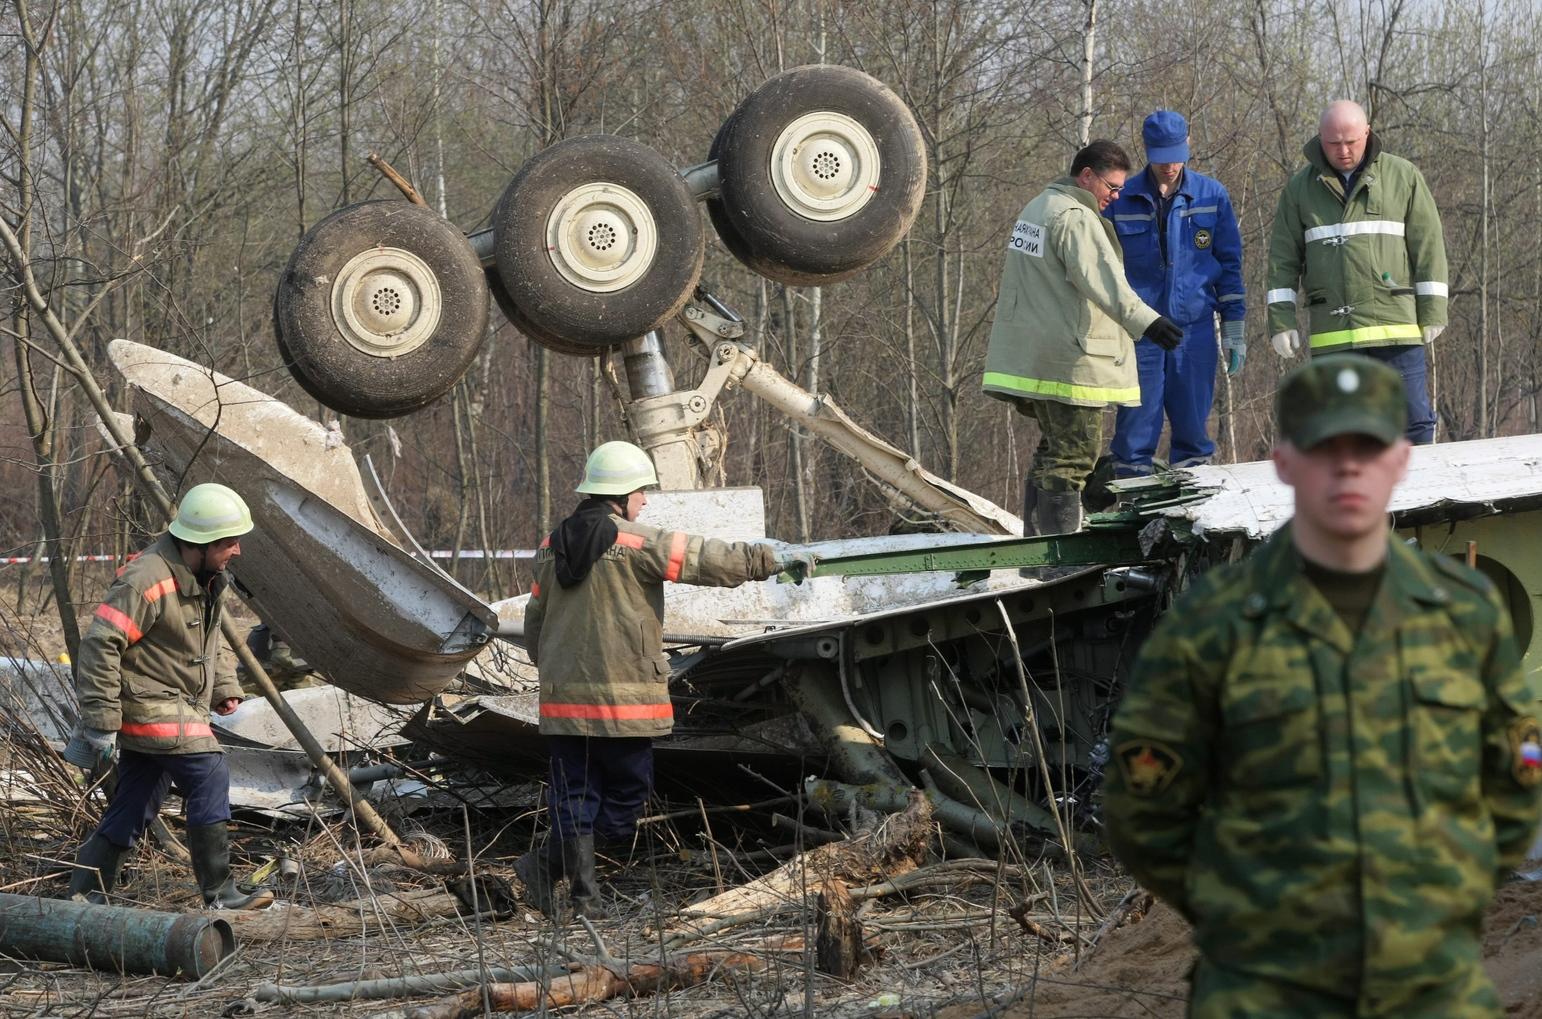 A lengyel elnök szerencsétlenül járt gépének roncsának elszállítására készülnek a rendkívüli helyzetek minisztériumának dolgozói 2010. április 14-én, négy nappal az után, hogy leszállás közben lezuhant a Lech Kaczynski államfőt szállító repülőgép a szmolenszki repülőtér közelében. A Tu-154-es fedélzetén az államfővel és a feleségével együtt 96 ember - köztük az állami szféra és a hadsereg több vezető személyisége - tartózkodott, és senki sem élte túl közülük a katasztrófát. (MTI/EPA/Szergej Csirikov)